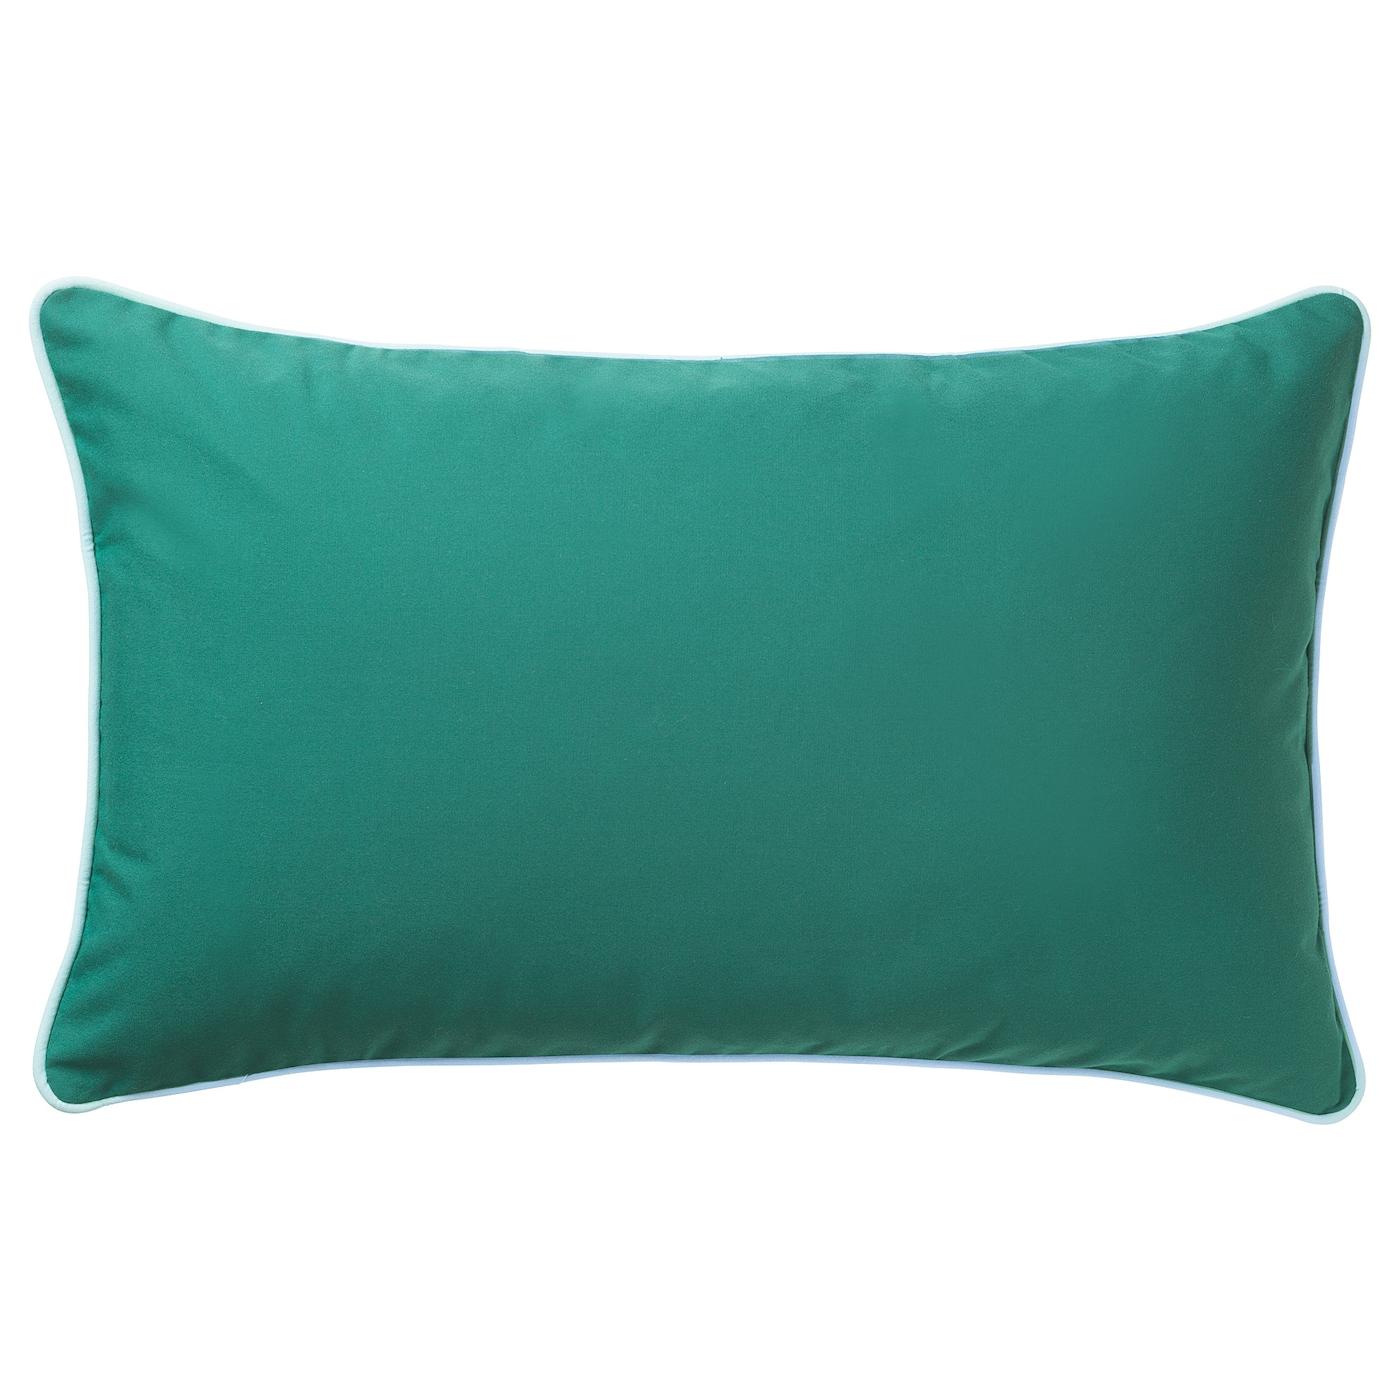 Gullingen housse de coussin int rieur ext rieur turquoise for Interieur coussin